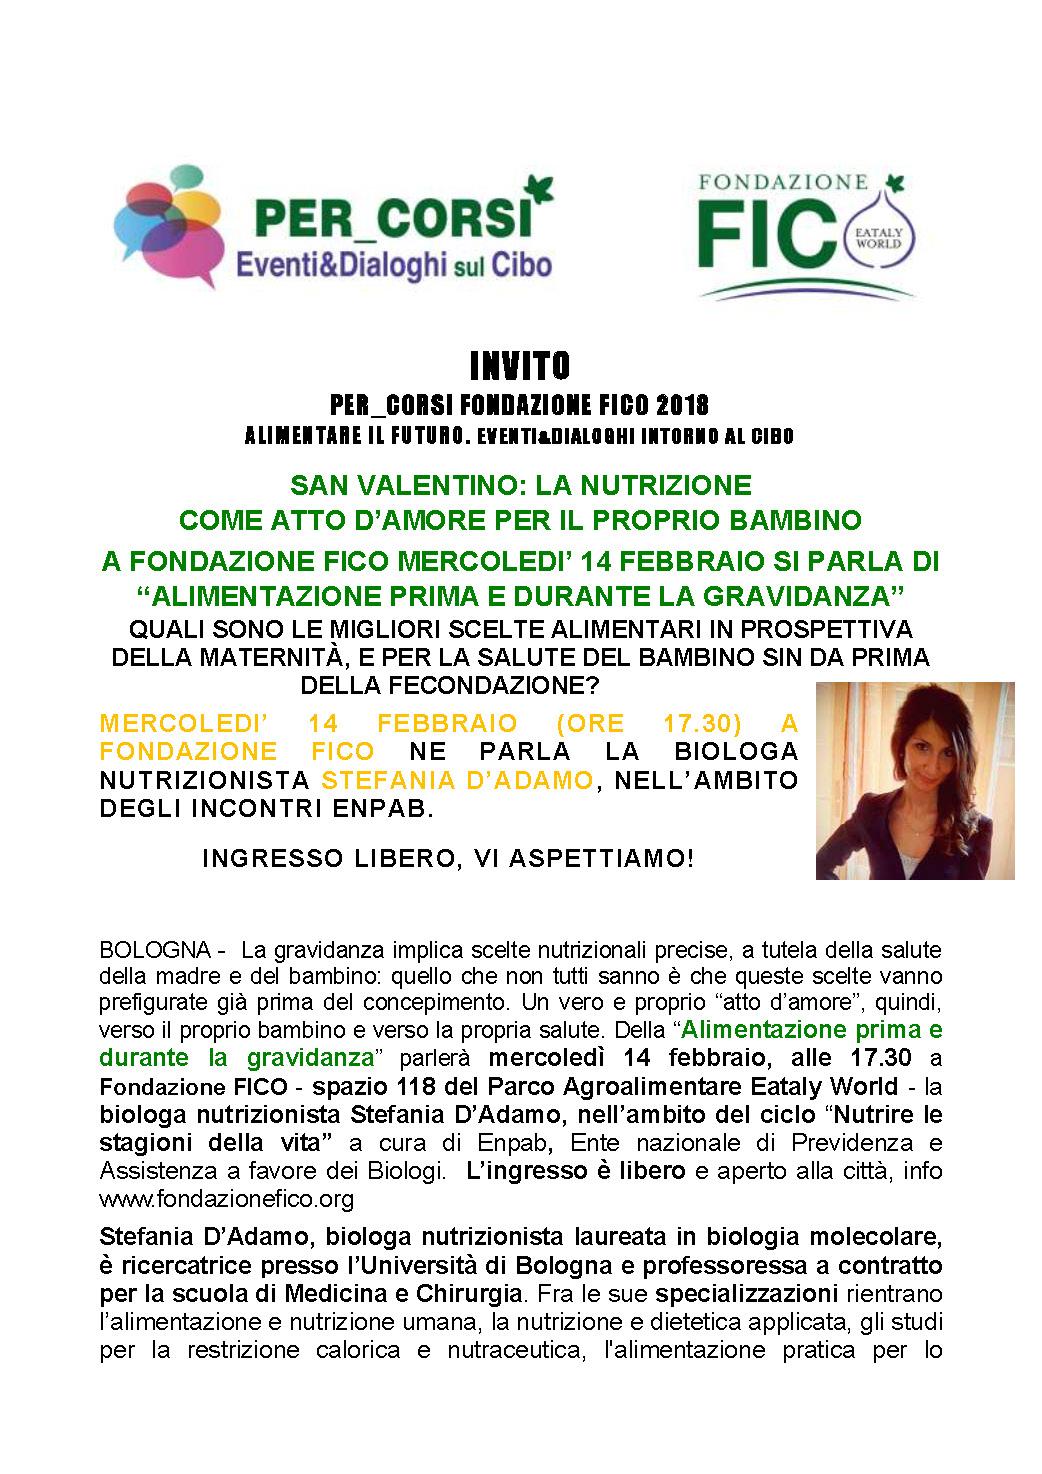 CS-0023-FondazioneFIco-PER_CORSI-14-02-2018_Pagina_1